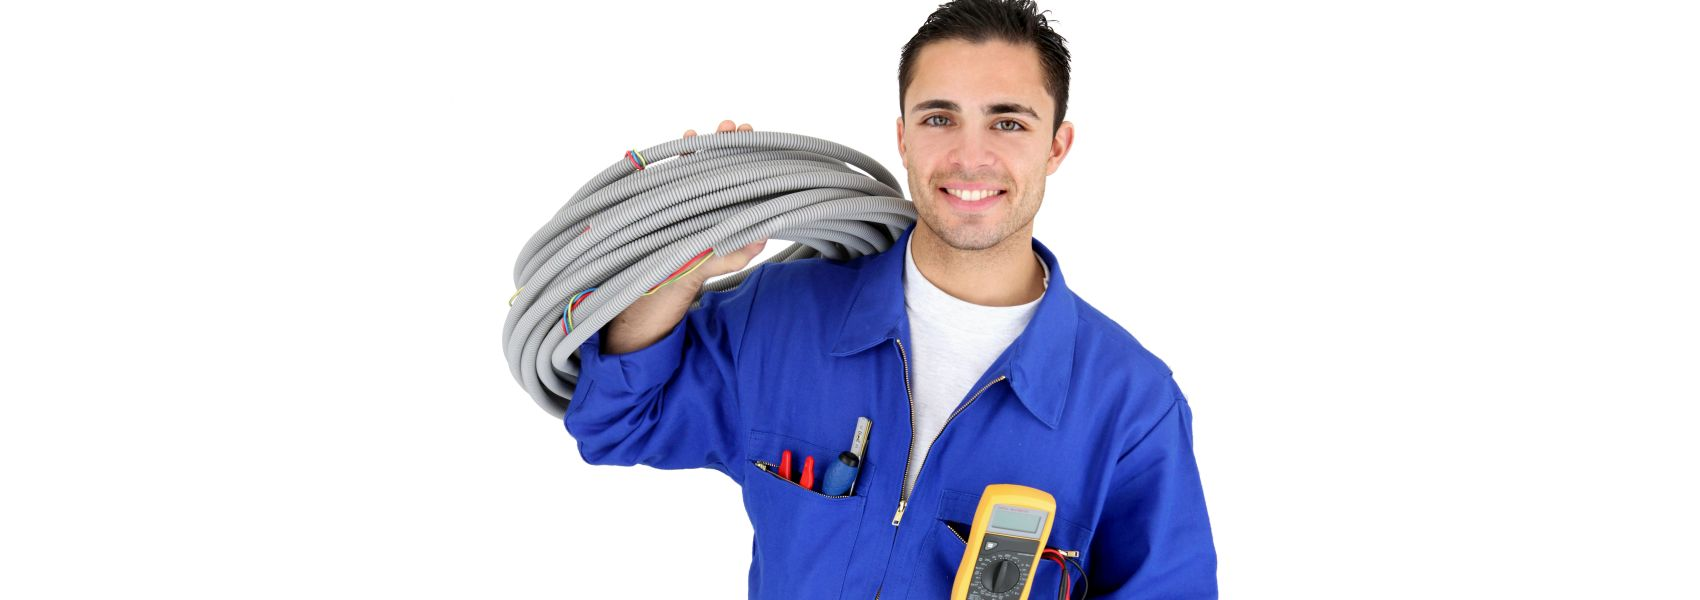 birmingham electrical repair man